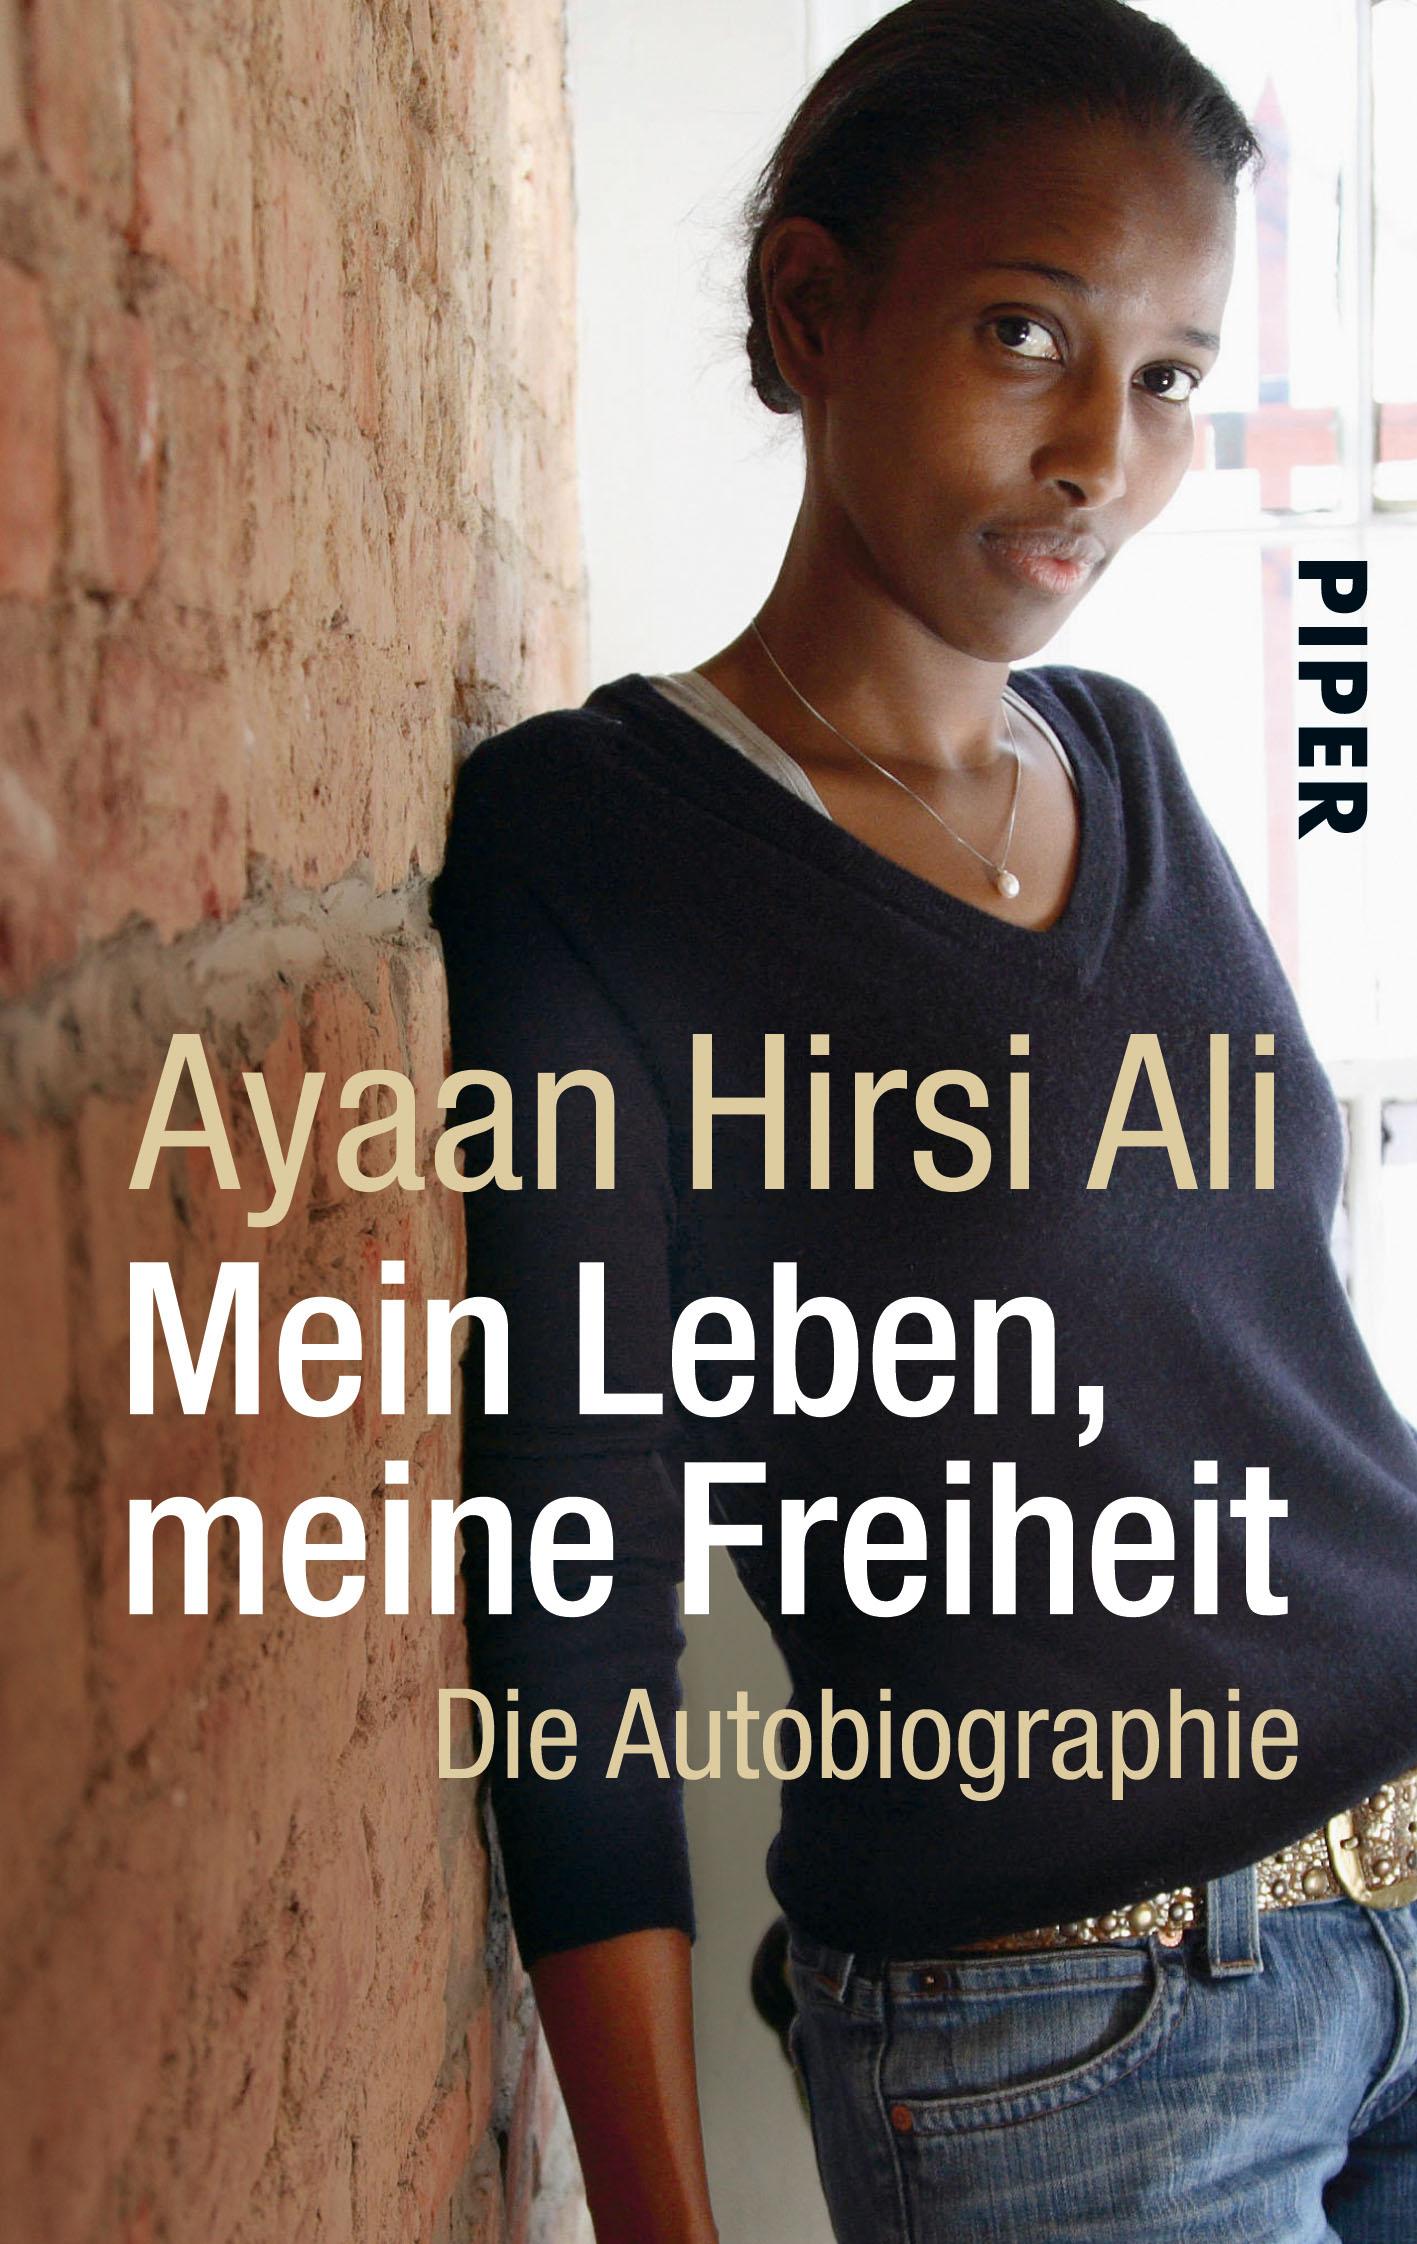 Mein Leben, meine Freiheit: Die Autobiographie - Ayaan Hirsi Ali